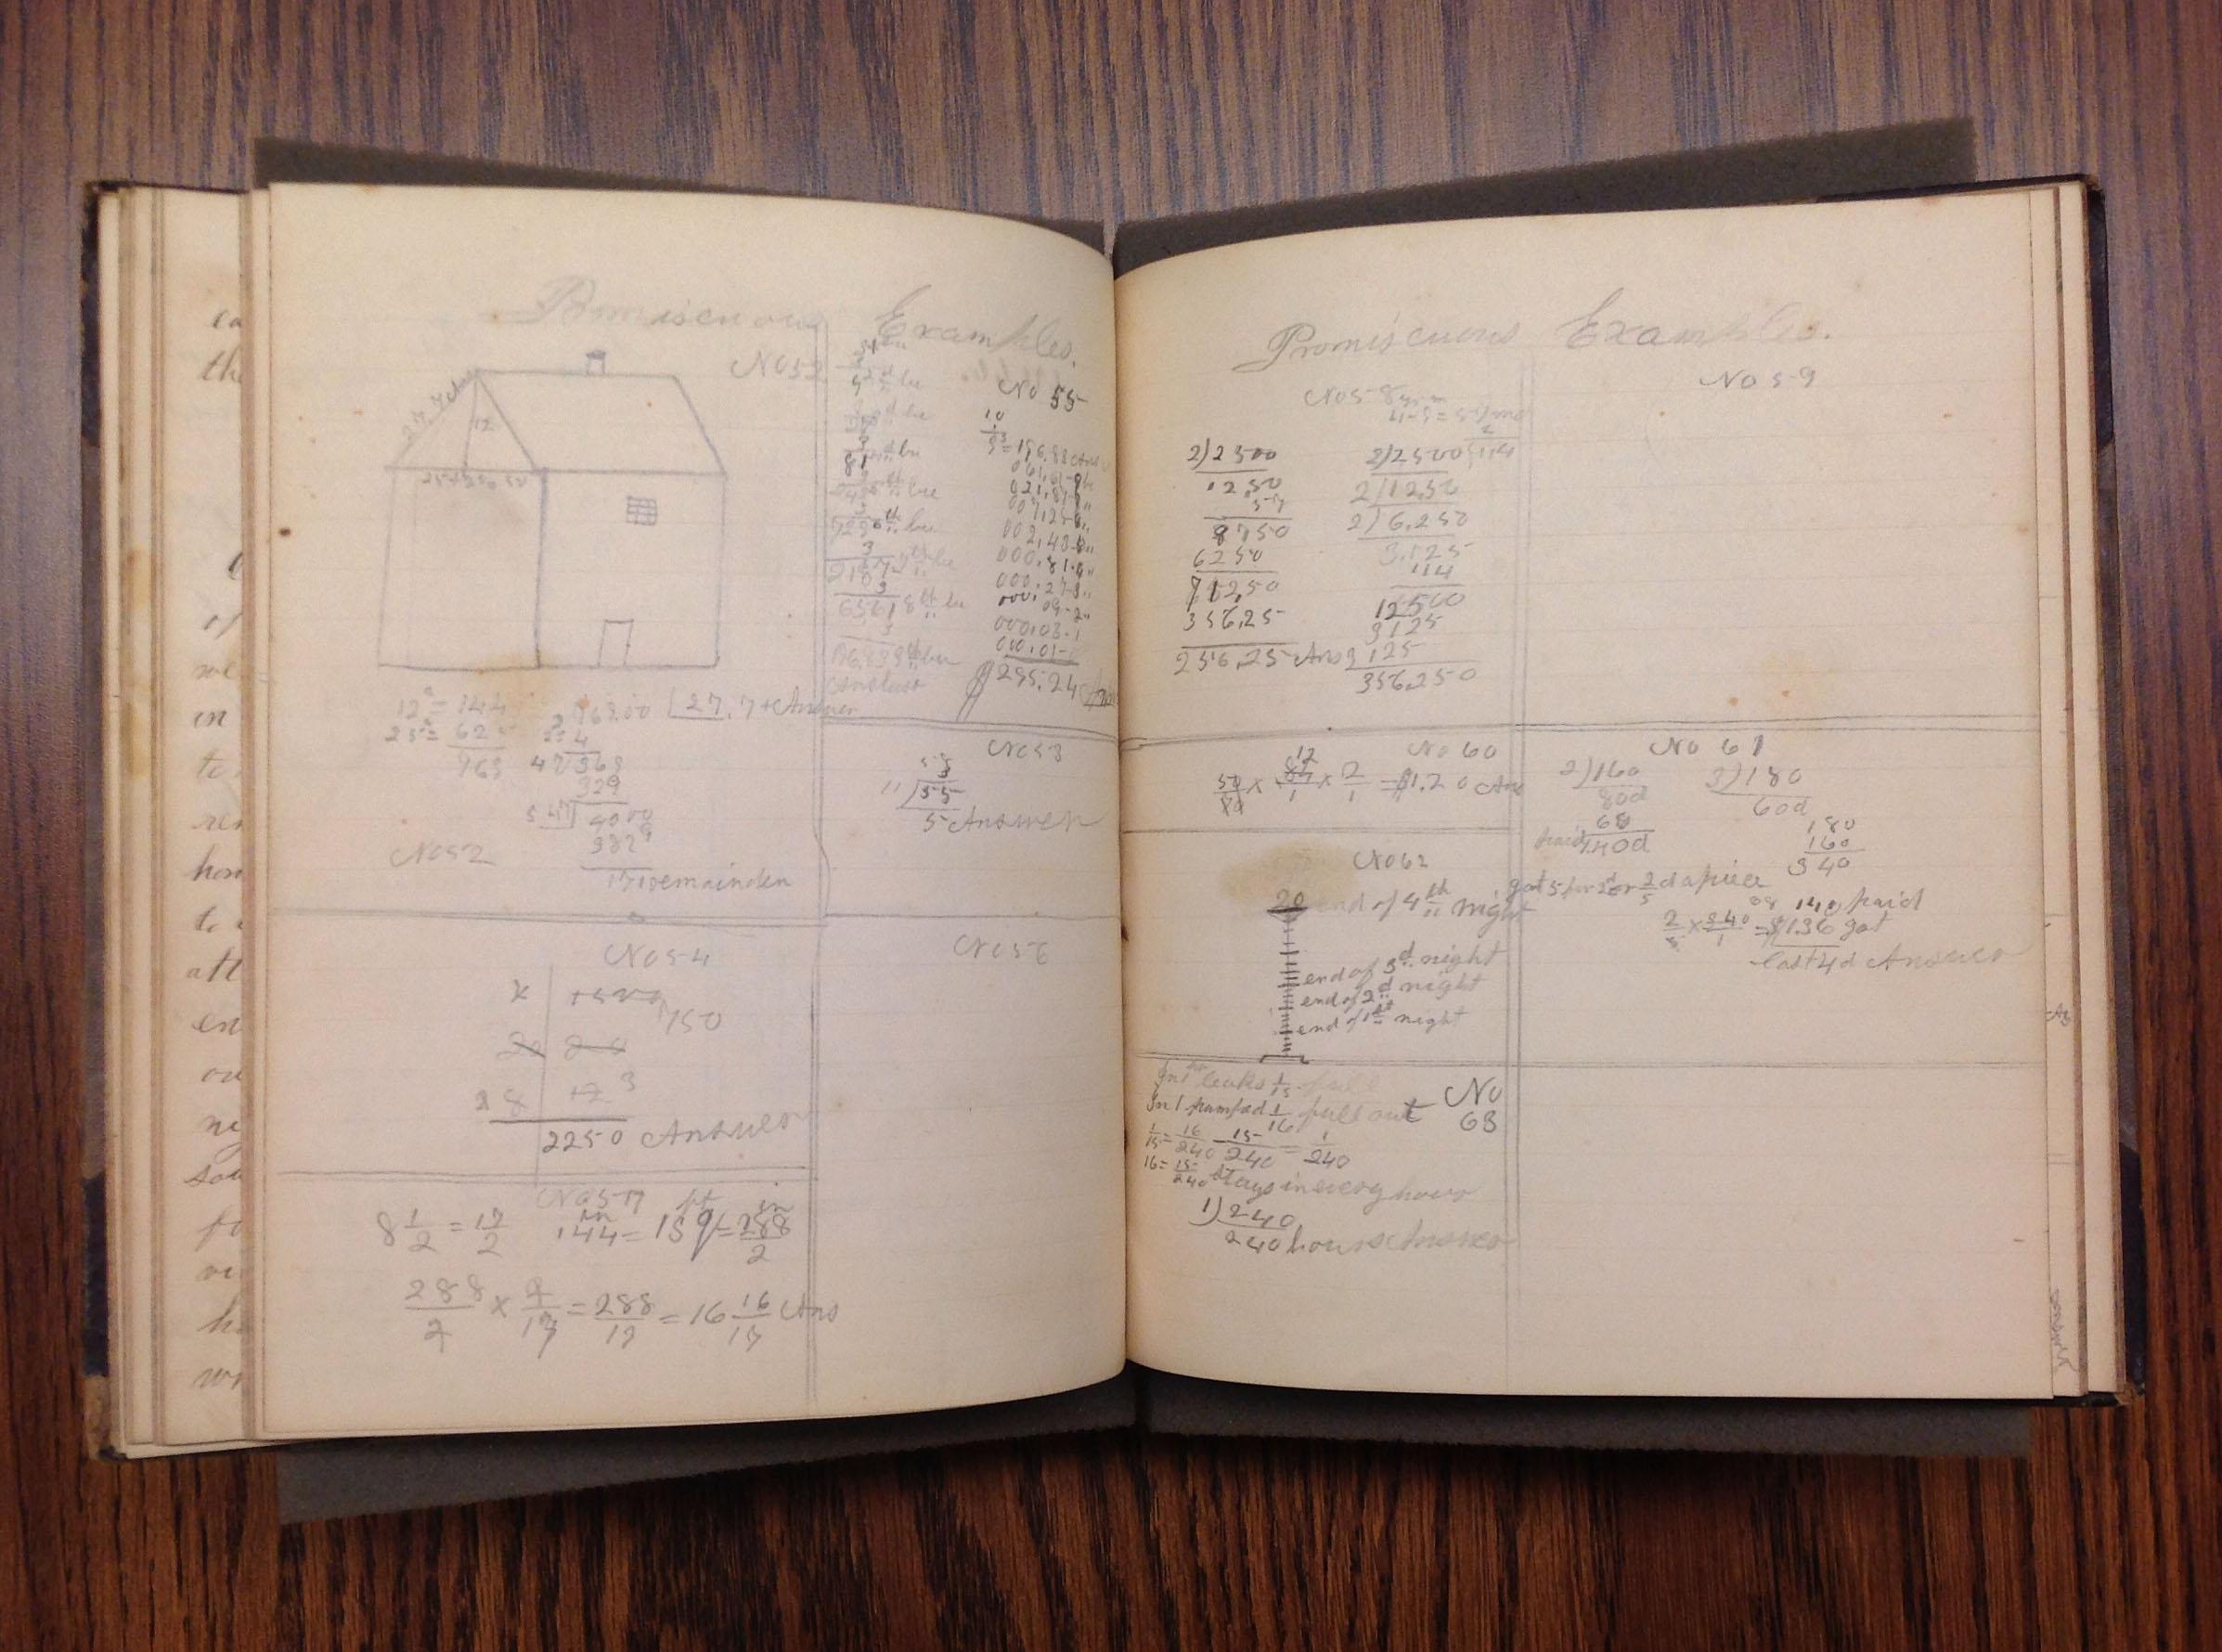 Sarah E. A. Brown Leverett School Notebook, 1857-1858